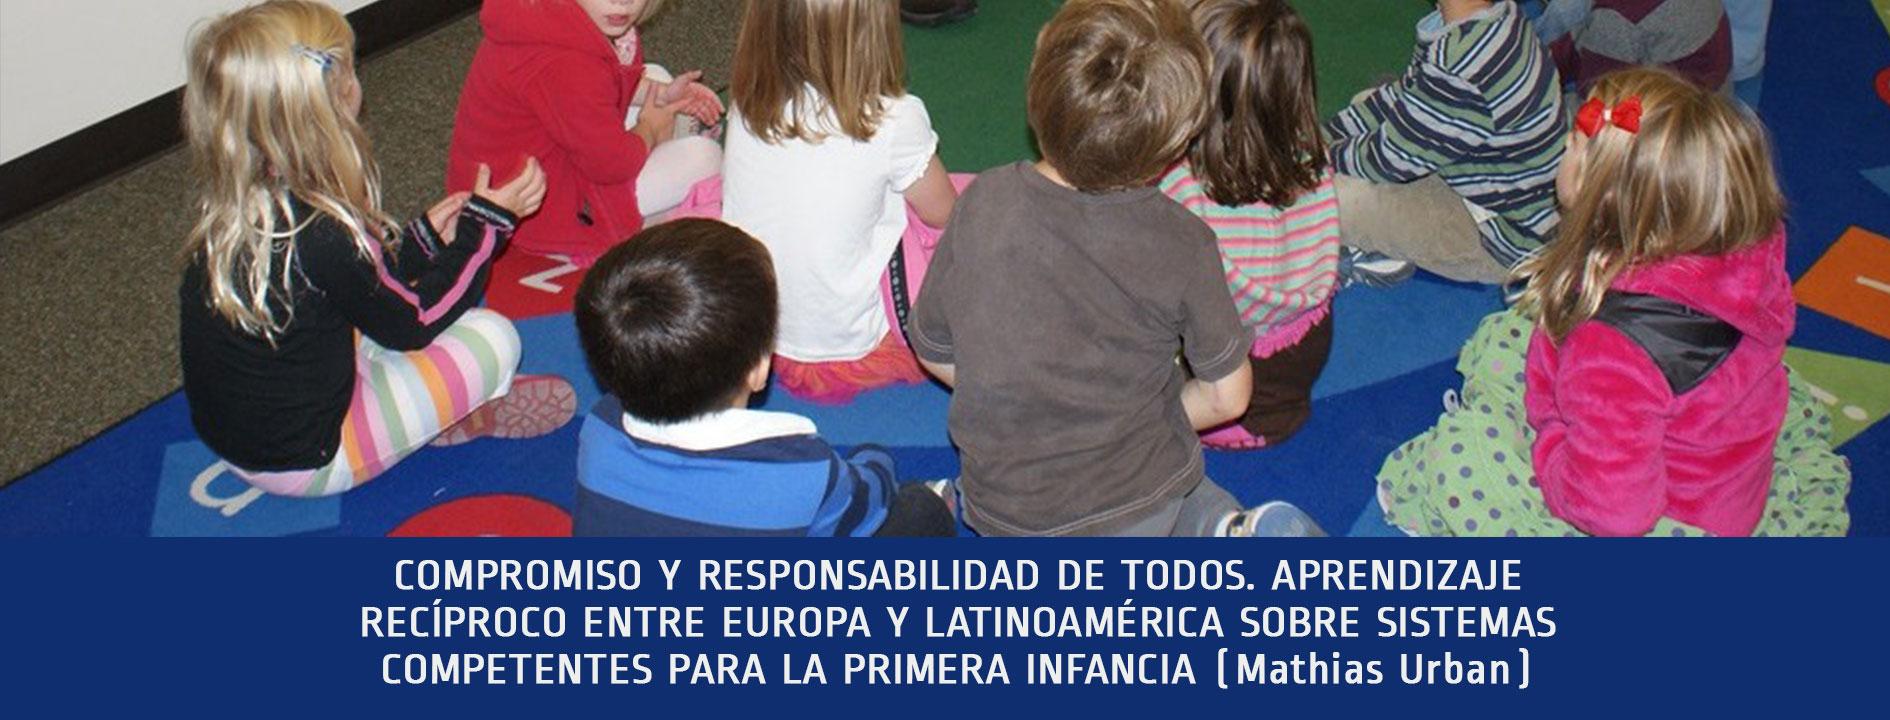 COMPROMISO-Y-RESPONSABILIDAD-DE-TODOS.-APRENDIZAJE-RECÍPROCO-ENTRE-EUROPA-Y-LATINOAMÉRICA-SOBRE-SISTEMAS-COMPETENTES-PARA-LA-PRIMERA-INFANCIA-Mathias-Urban-1